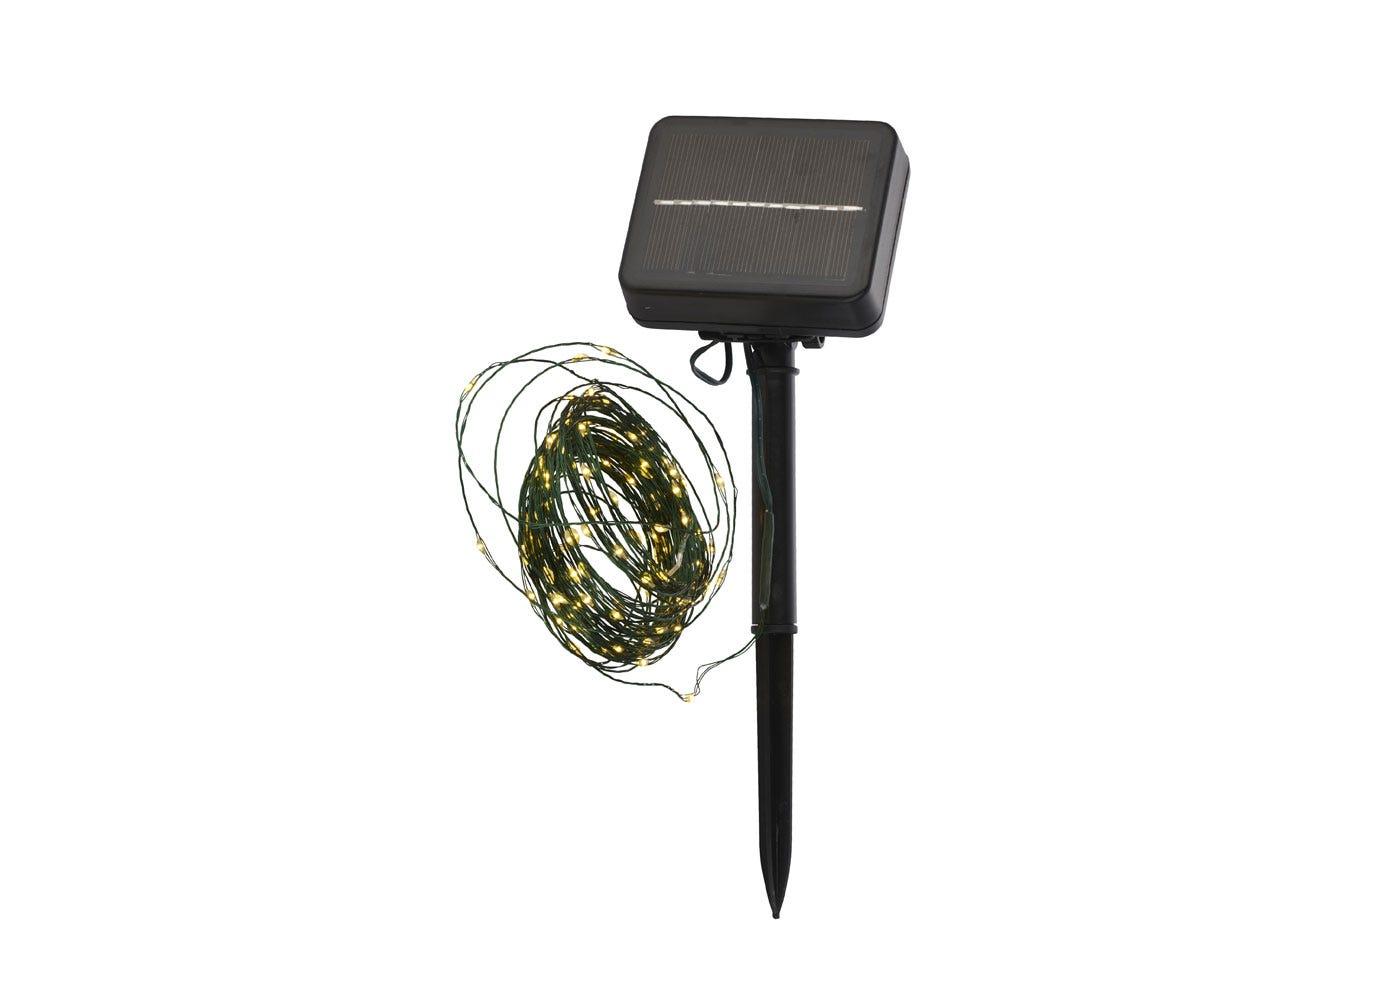 As shown: Knirke Solar 80 LED String Lights.